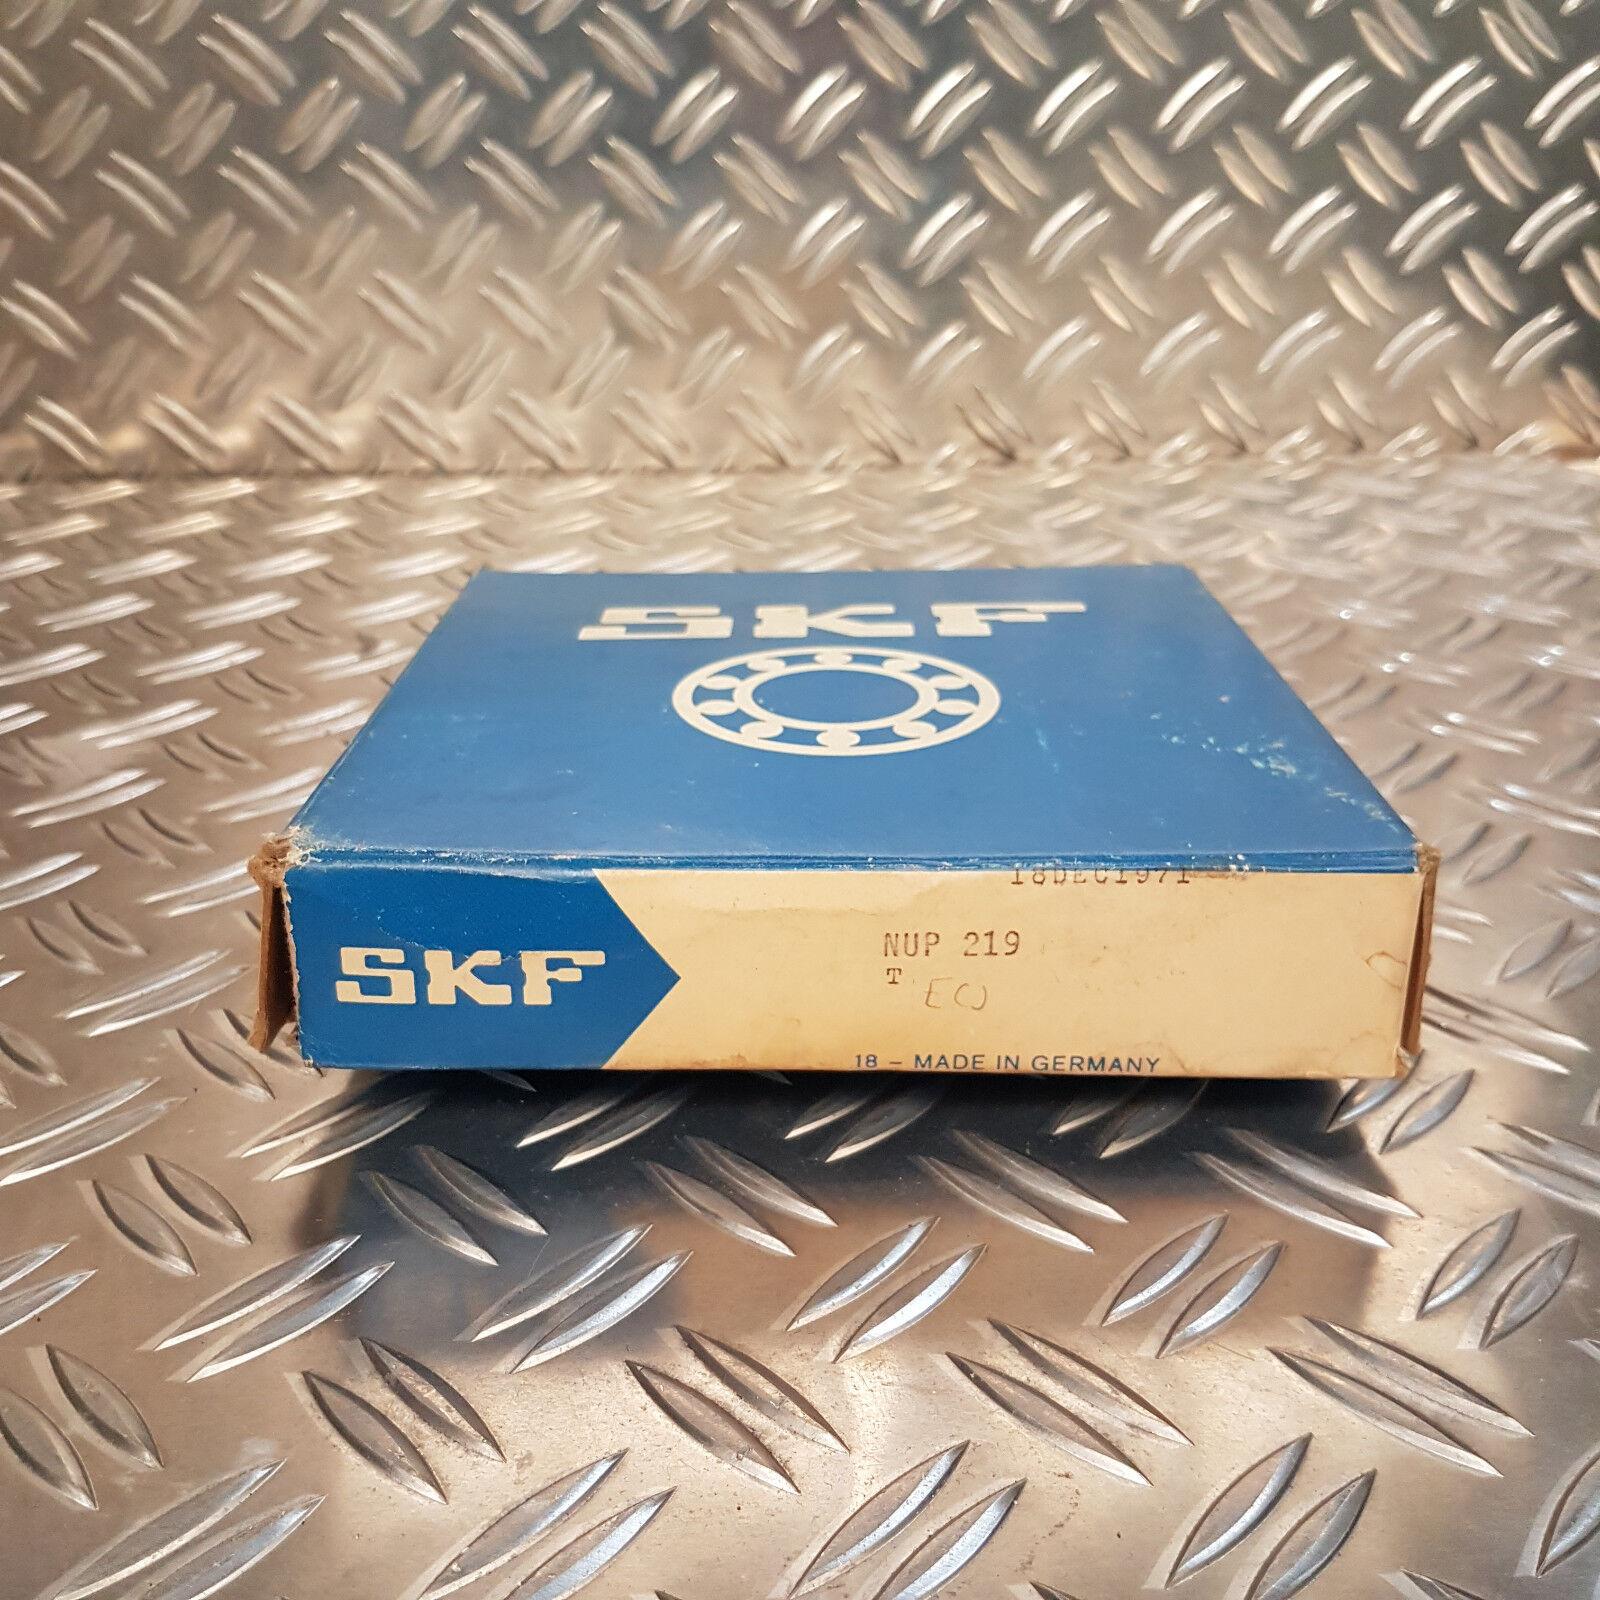 Original Original Original SKF Zylinderrollenlager NUP 219 ECP vom SKF-Grünragshändler | Sonderaktionen zum Jahresende  | Zu einem erschwinglichen Preis  | Online Outlet Store  | Queensland  36053e